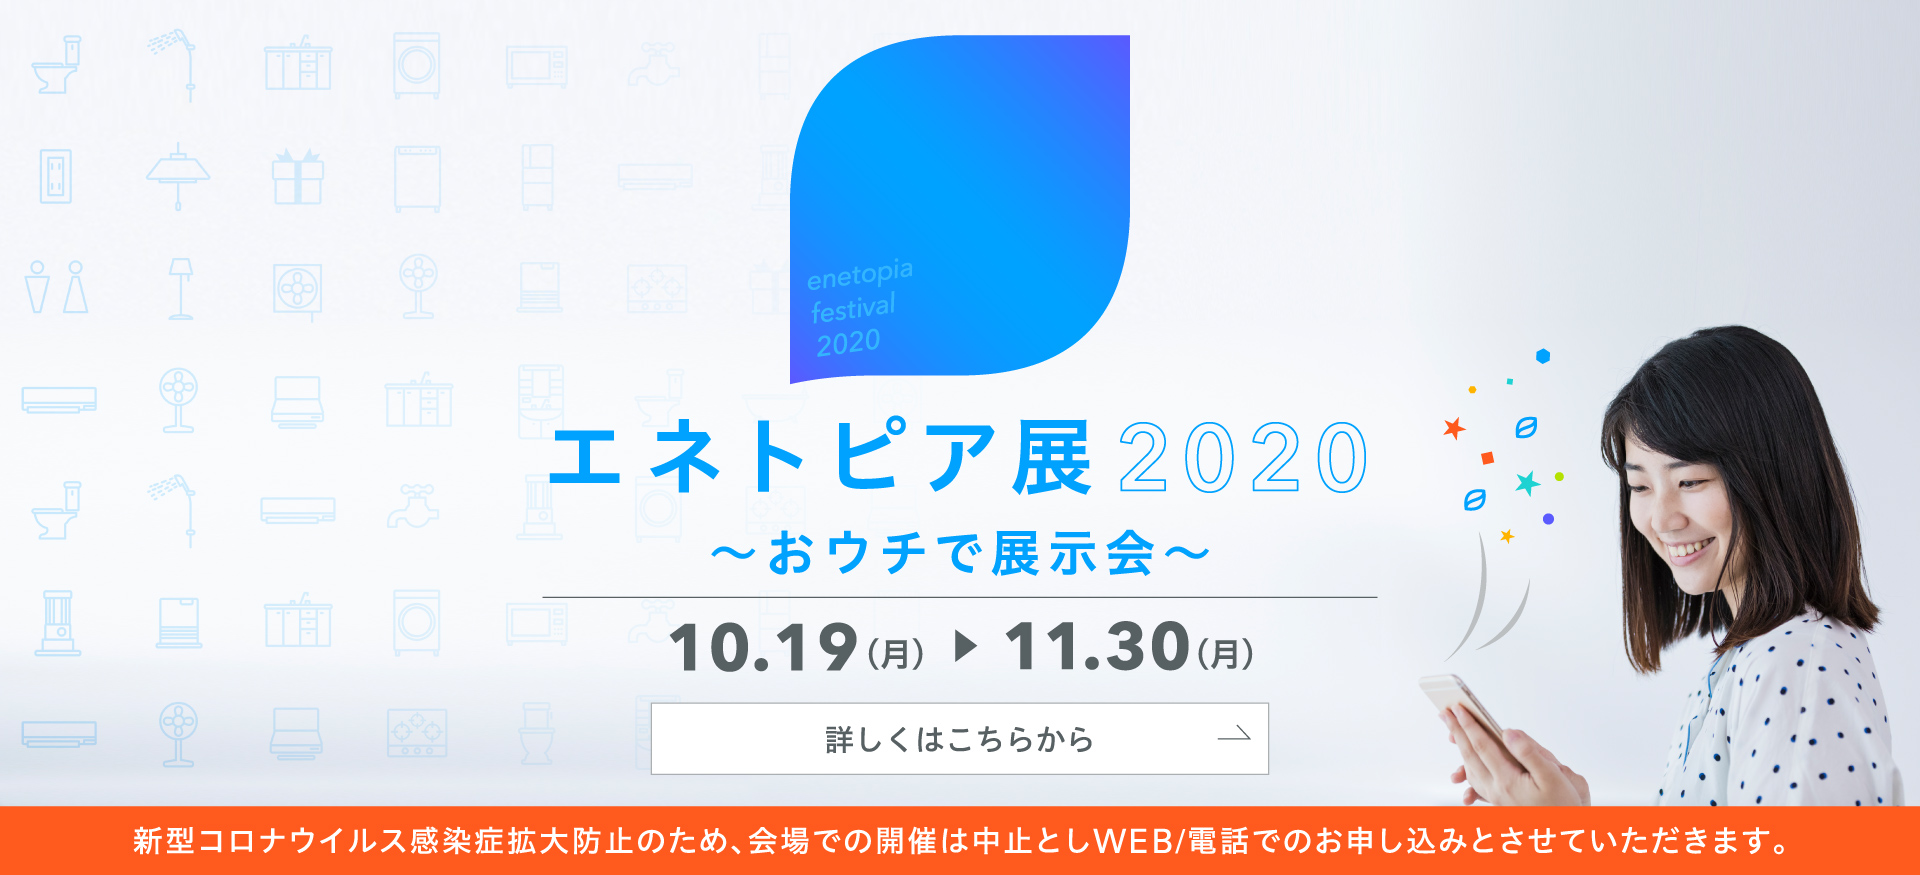 エネトピア展2020〜おウチ〜で開催10月19日月曜日から11月30日月曜日。新型コロナウイルス感染症拡大防止のため、会場での開催は中止としWEB/電話でのお申し込みとさせていただきます